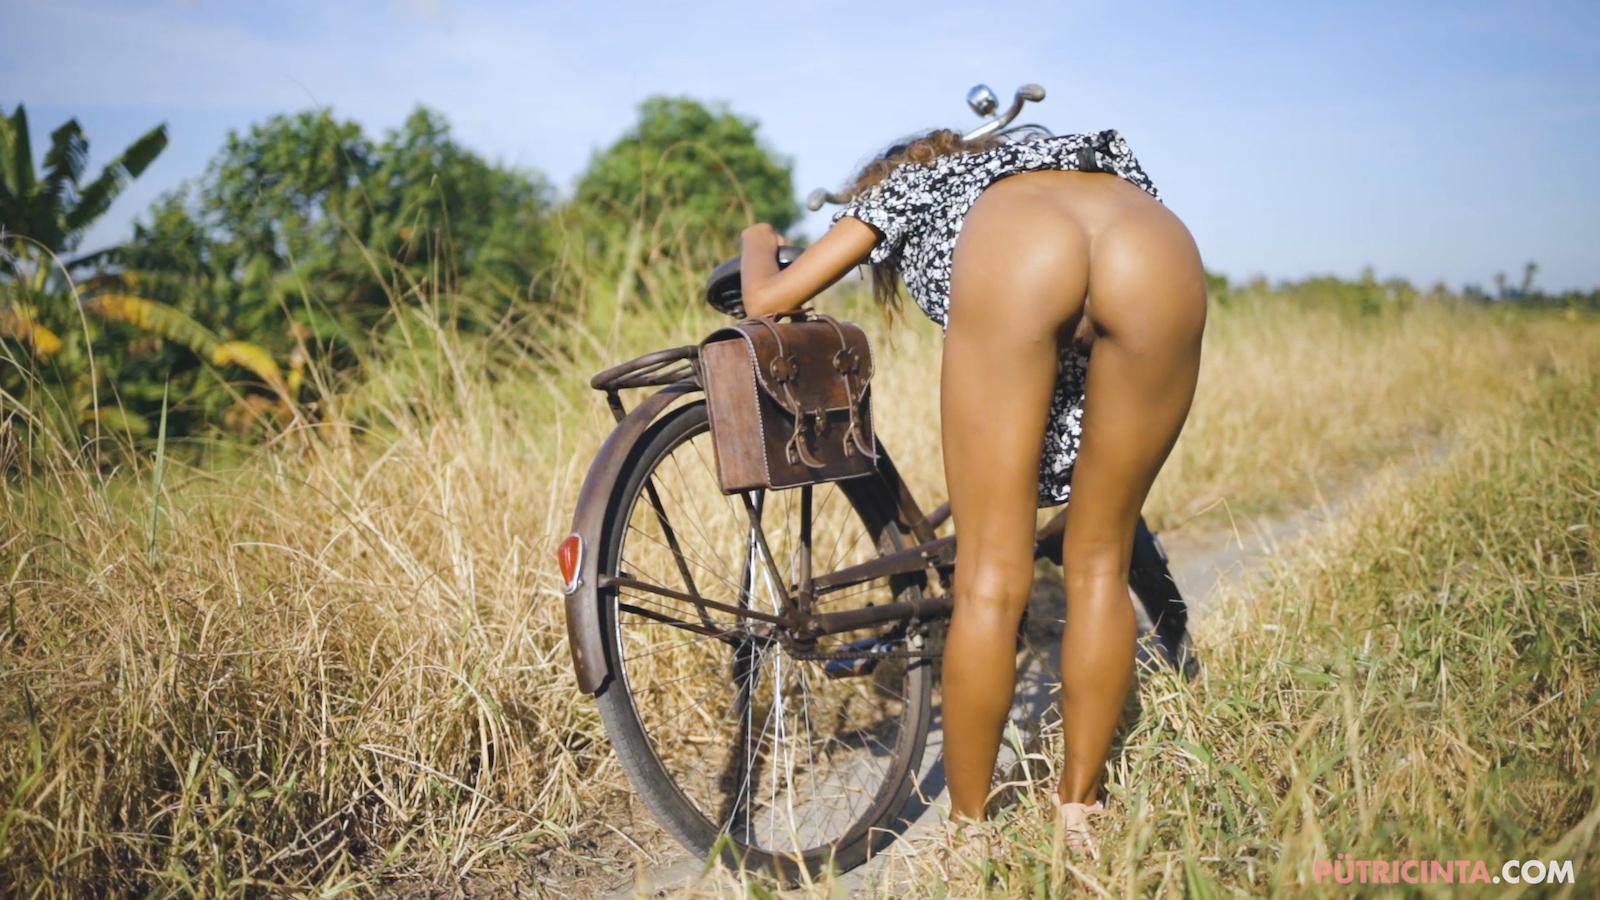 024-cyclingcommando-Putri-Cinta-Mainvid-stills-16.jpg